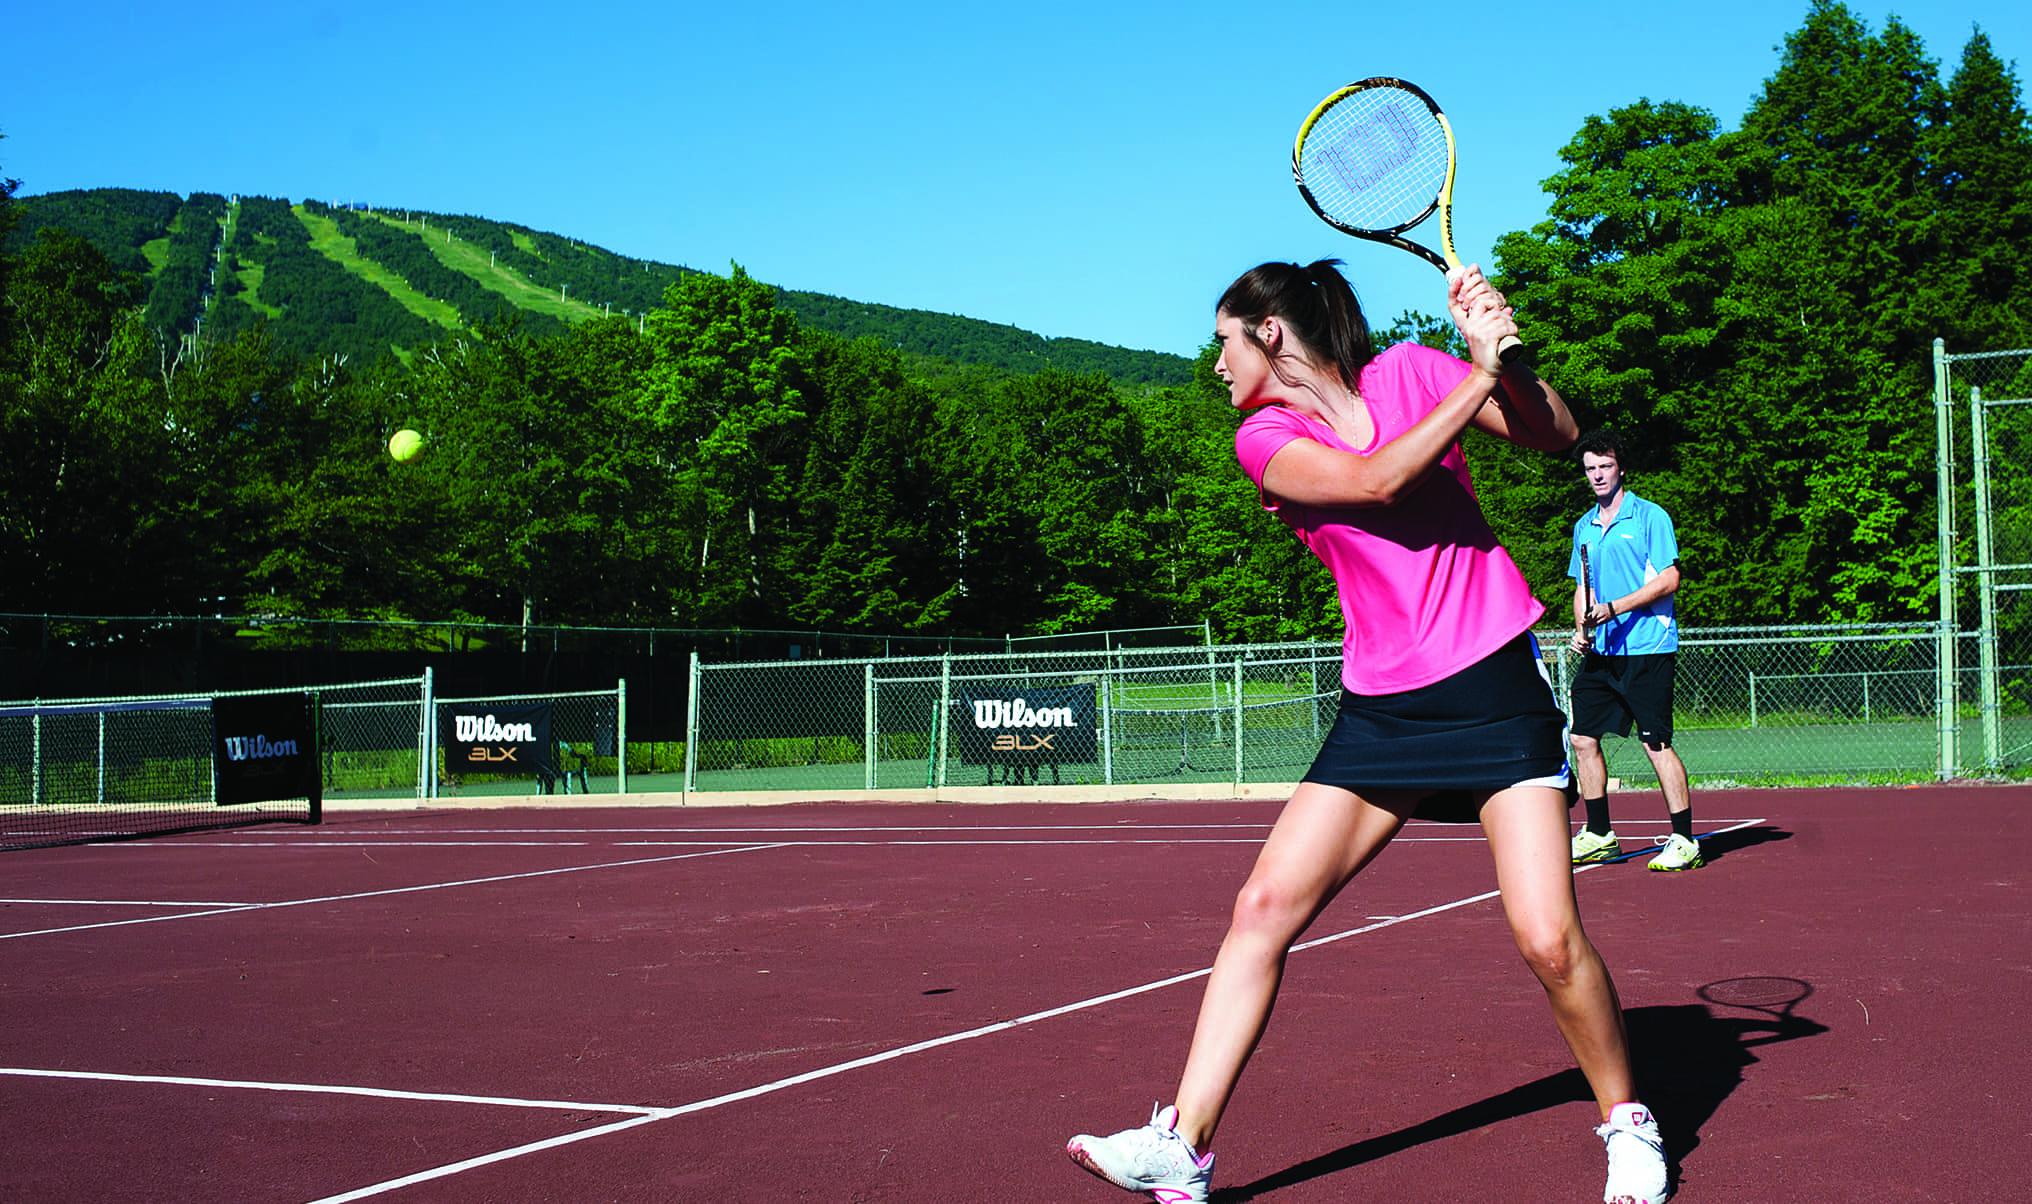 161002_tennis_outdoor_2032x1204_3_ashx.jpg